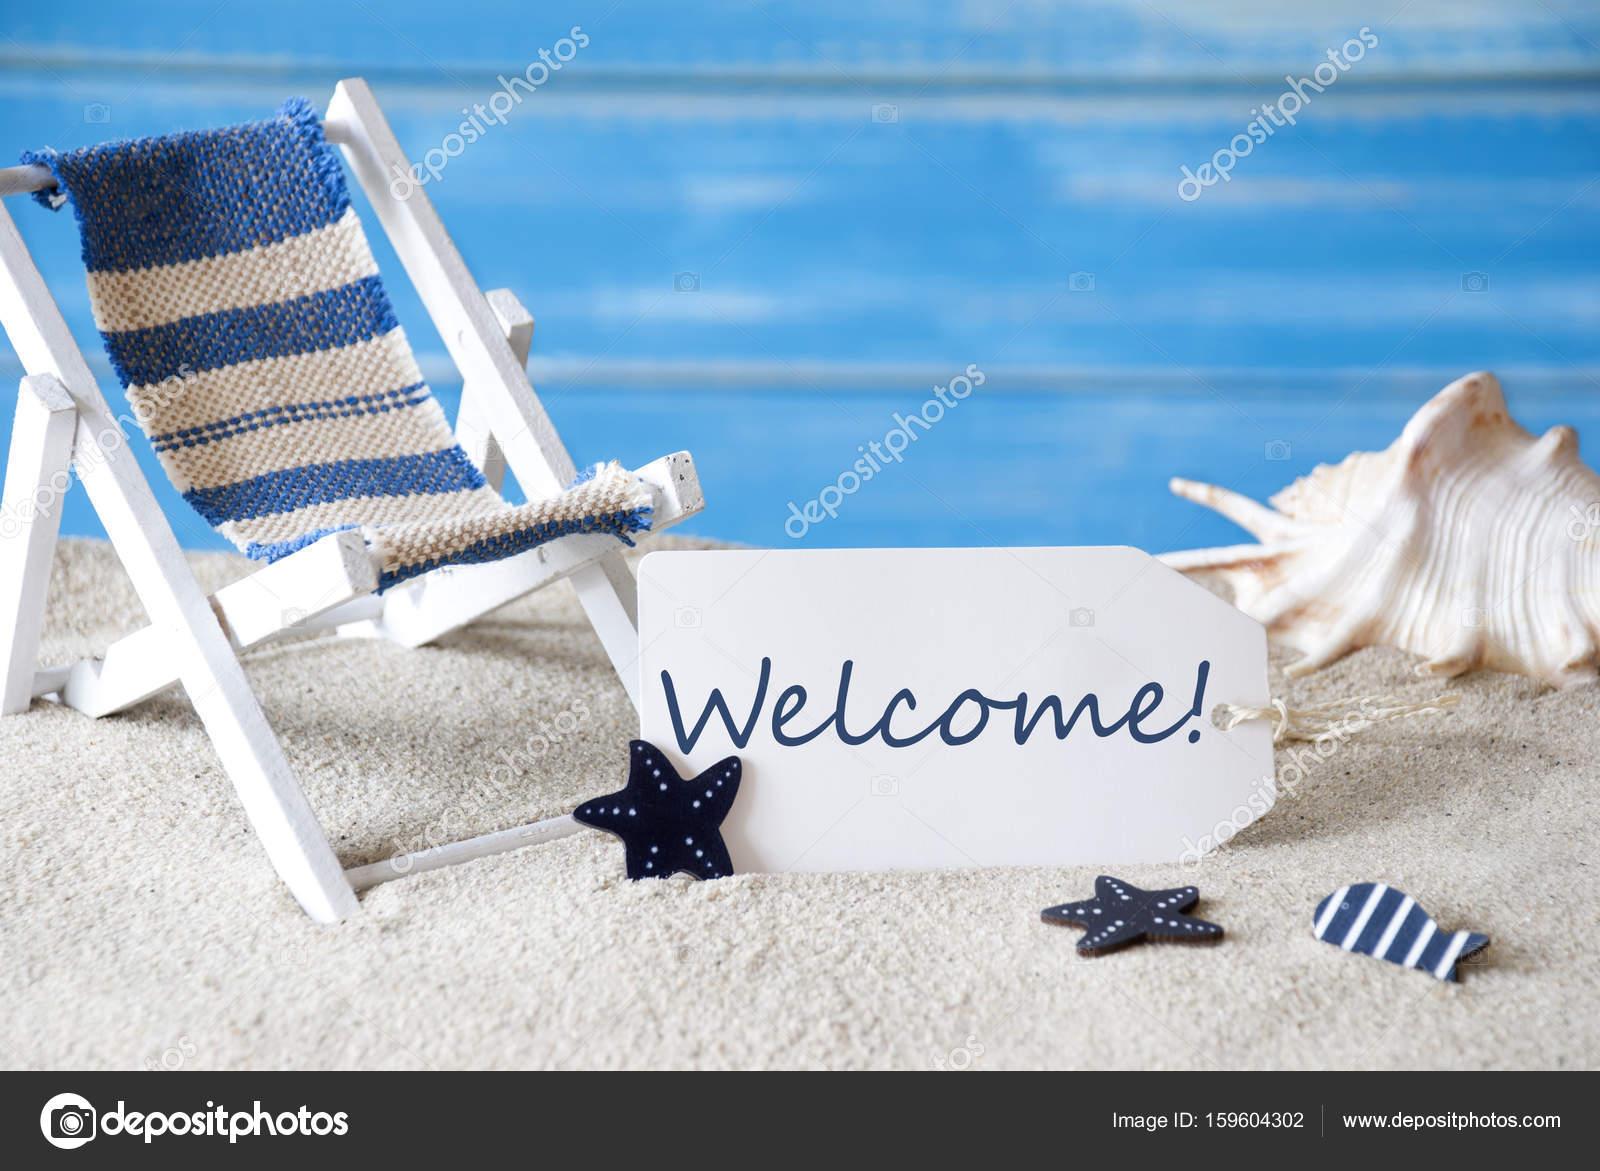 Sedia A Sdraio In Inglese.Contrassegno Di Estate Con Sedia A Sdraio E Benvenuto Testo